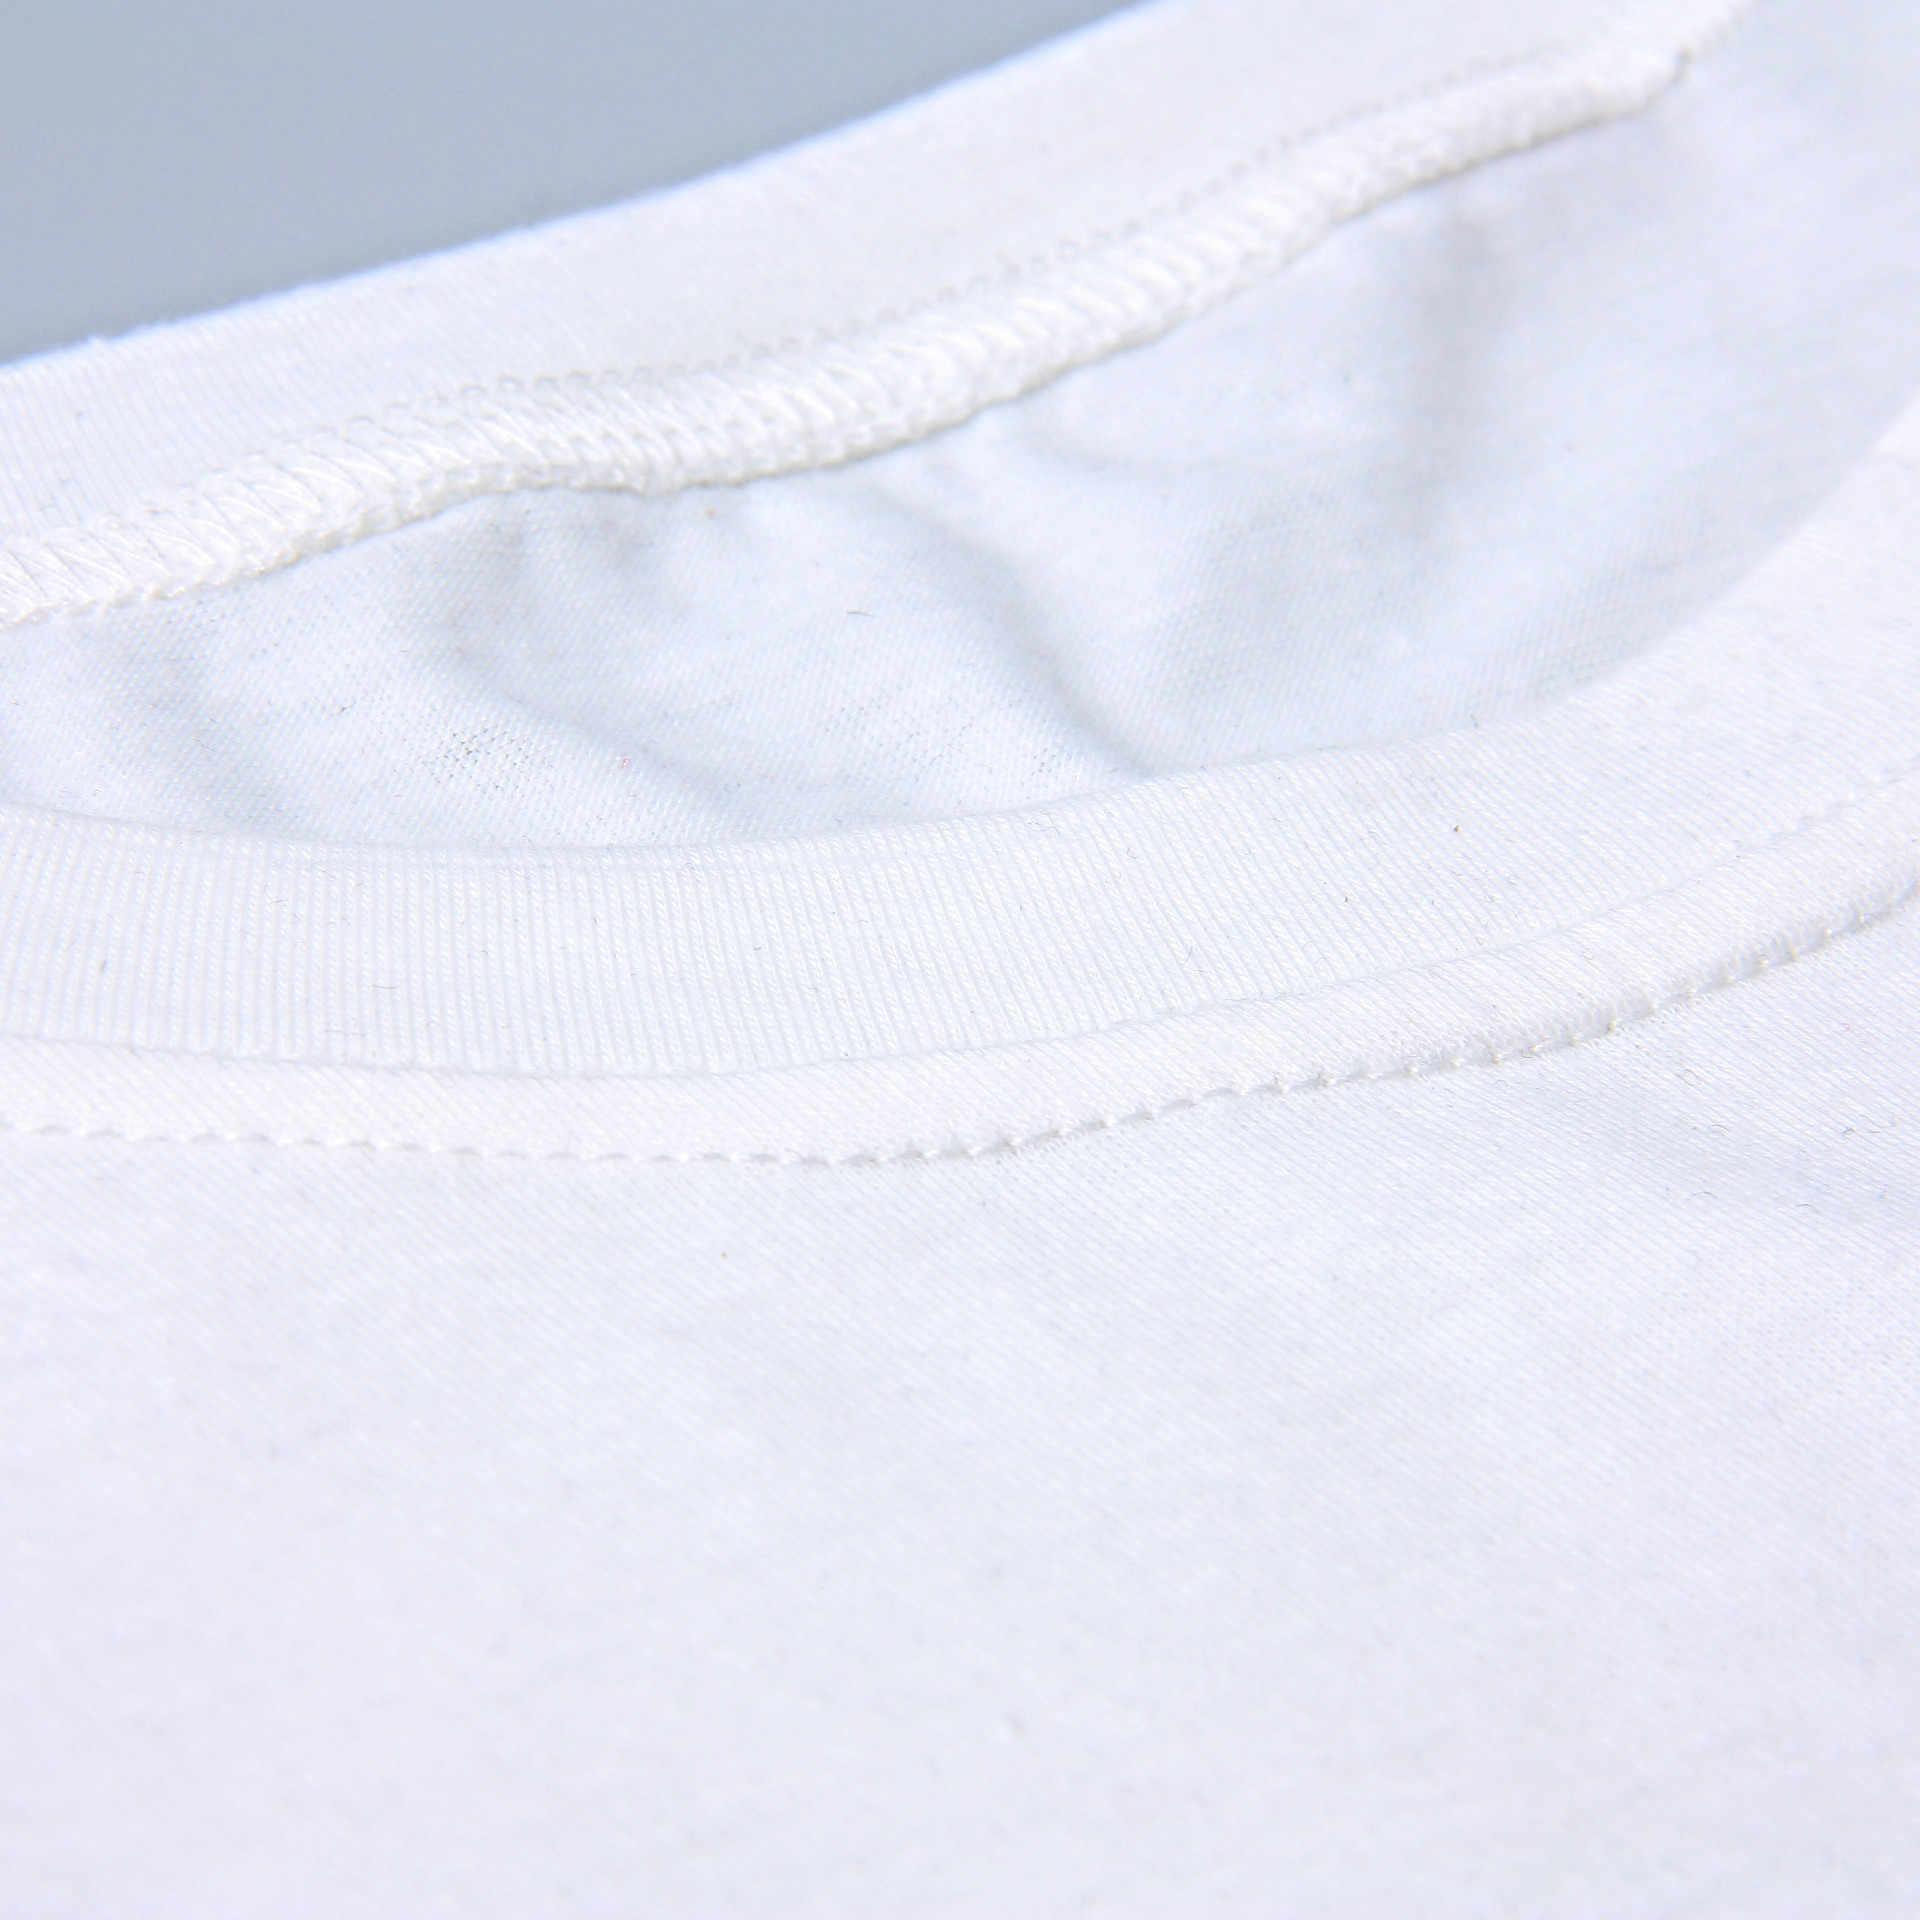 Anjo Coração Asa Camiseta Impressão Mulheres Manga Curta O Pescoço Solto Camiseta Branca 2019 Mulheres Verão Camiseta Tops camisetas Mujer